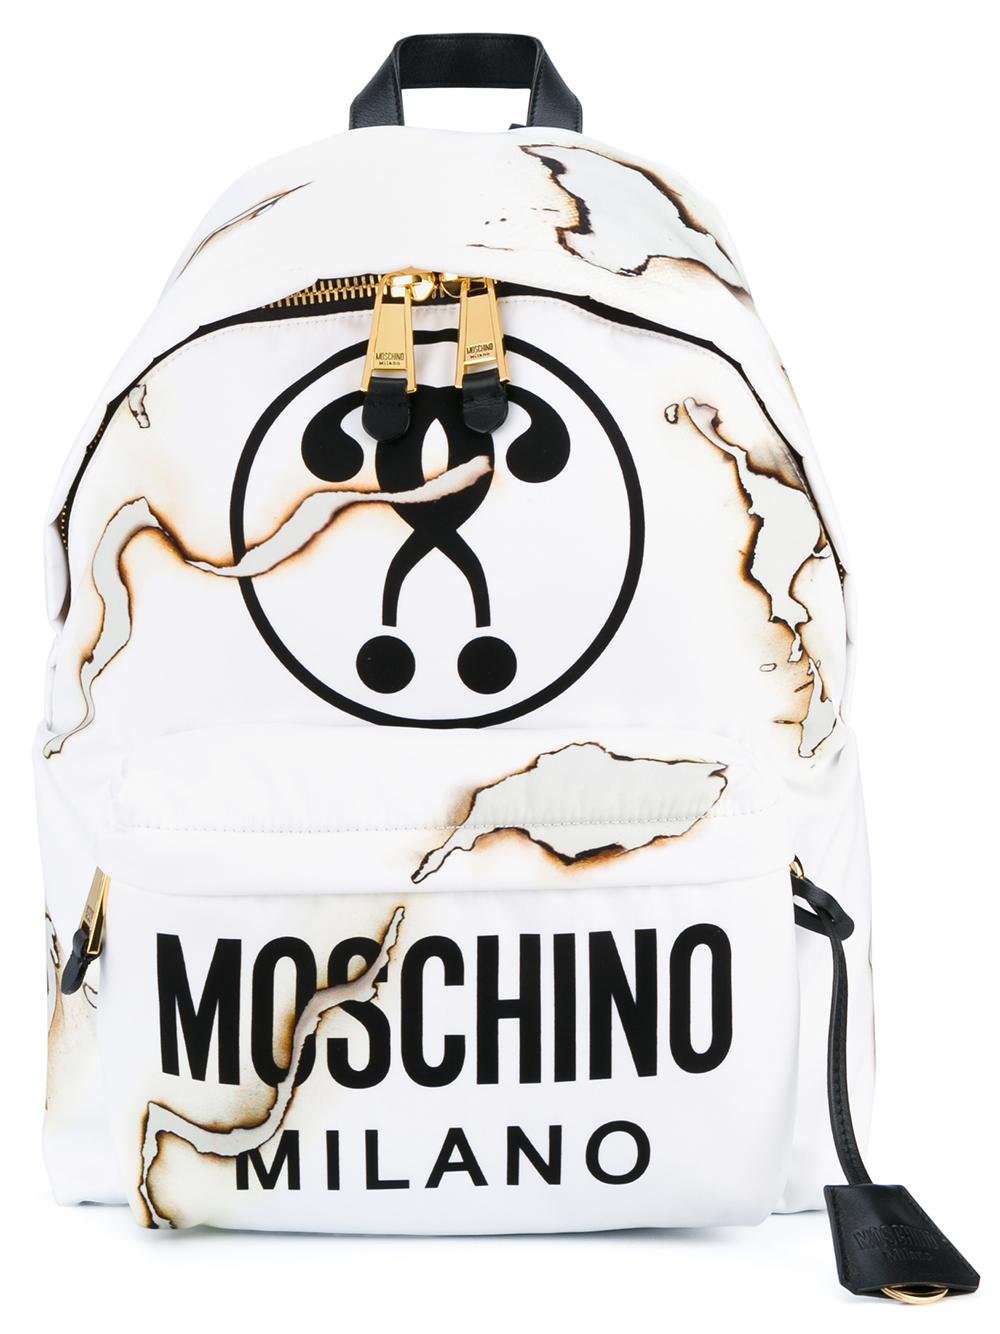 79b61b8495 Moschino Cigarette Burn Backpack in White - Lyst